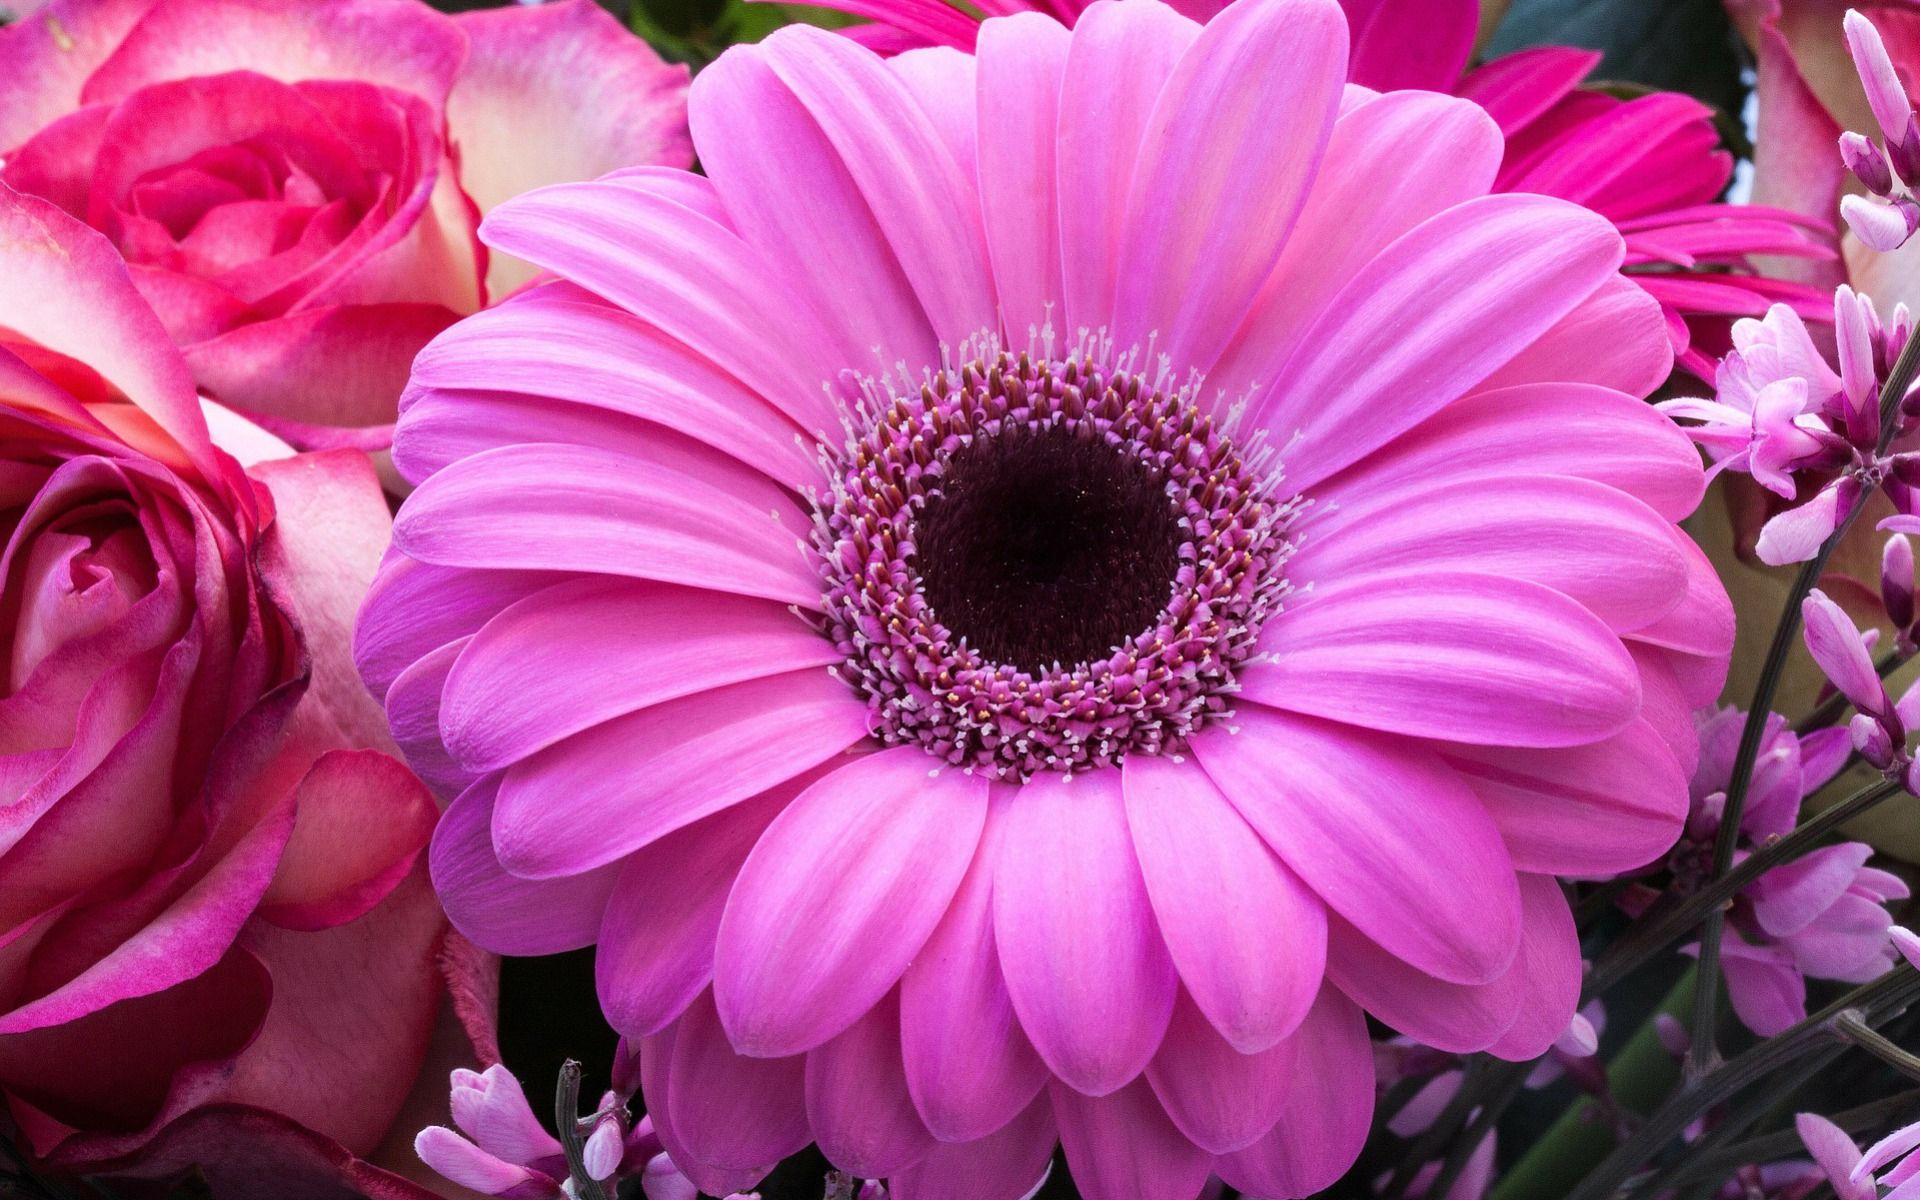 fond d'écran hd : fleur rose | fond d'écran hd gratuit - http